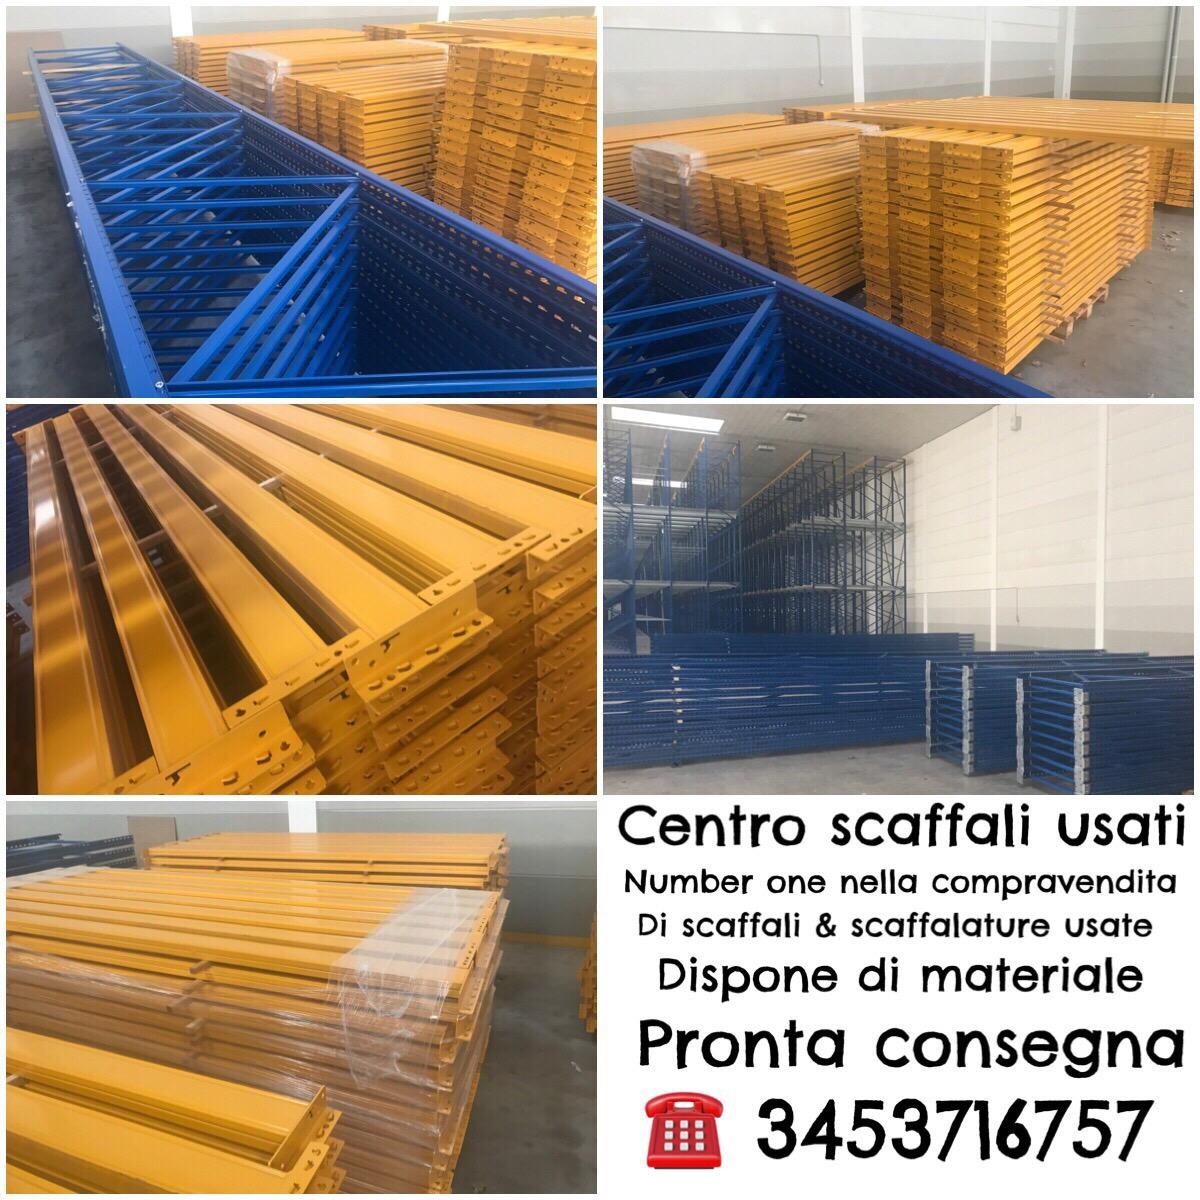 Scaffalature Metalliche Magazzino Vicenza.Ritiriamo Scaffali Usati In Provincia Di Milano Bergamo Como